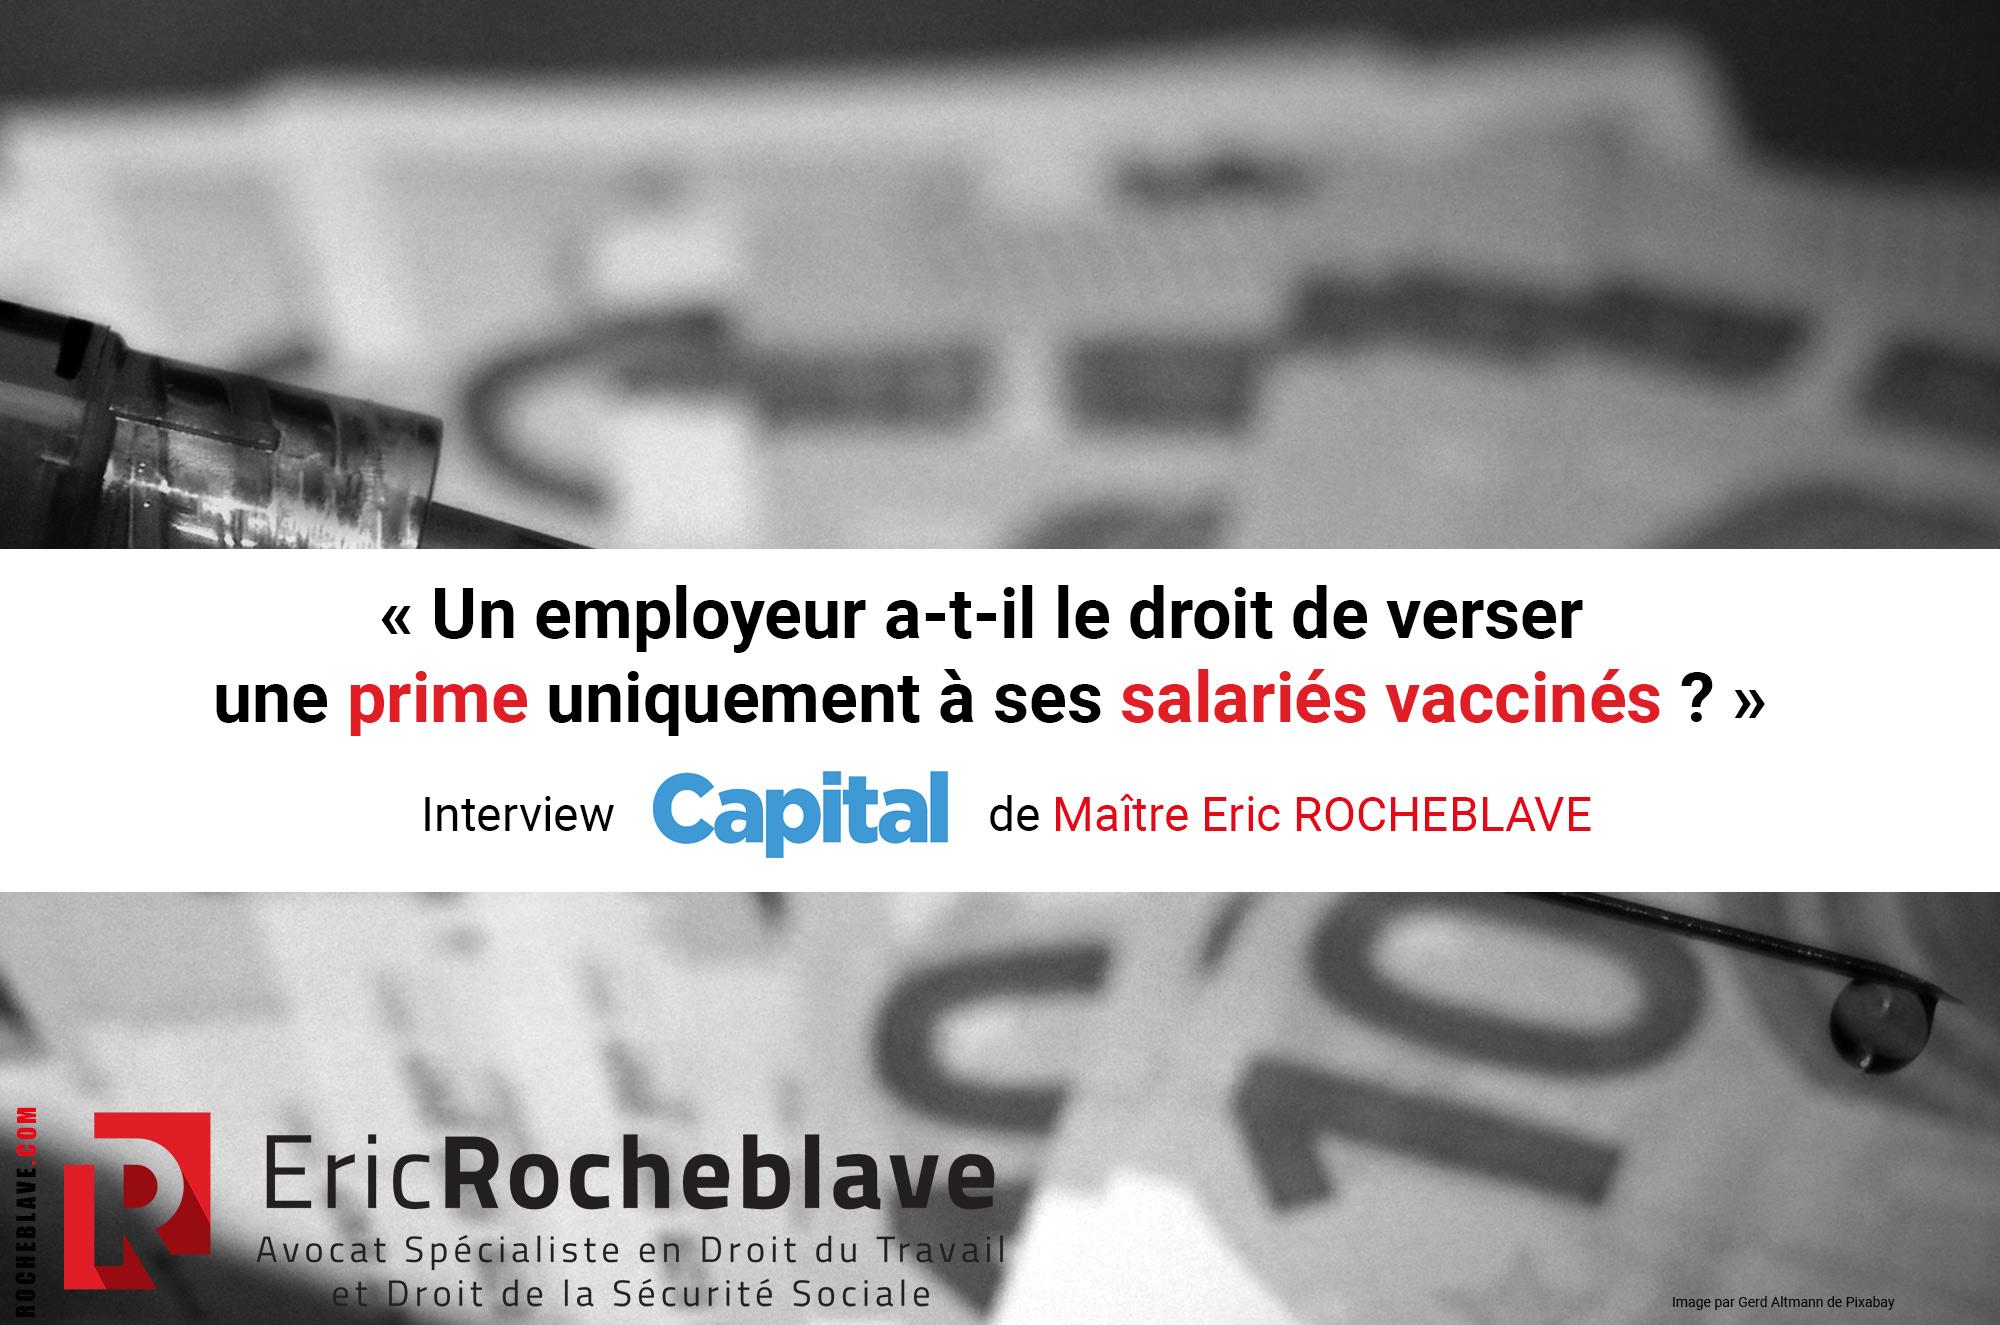 « Un employeur a-t-il le droit de verser une prime uniquement à ses salariés vaccinés ? » Interview CAPITAL de Maître Eric ROCHEBLAVE